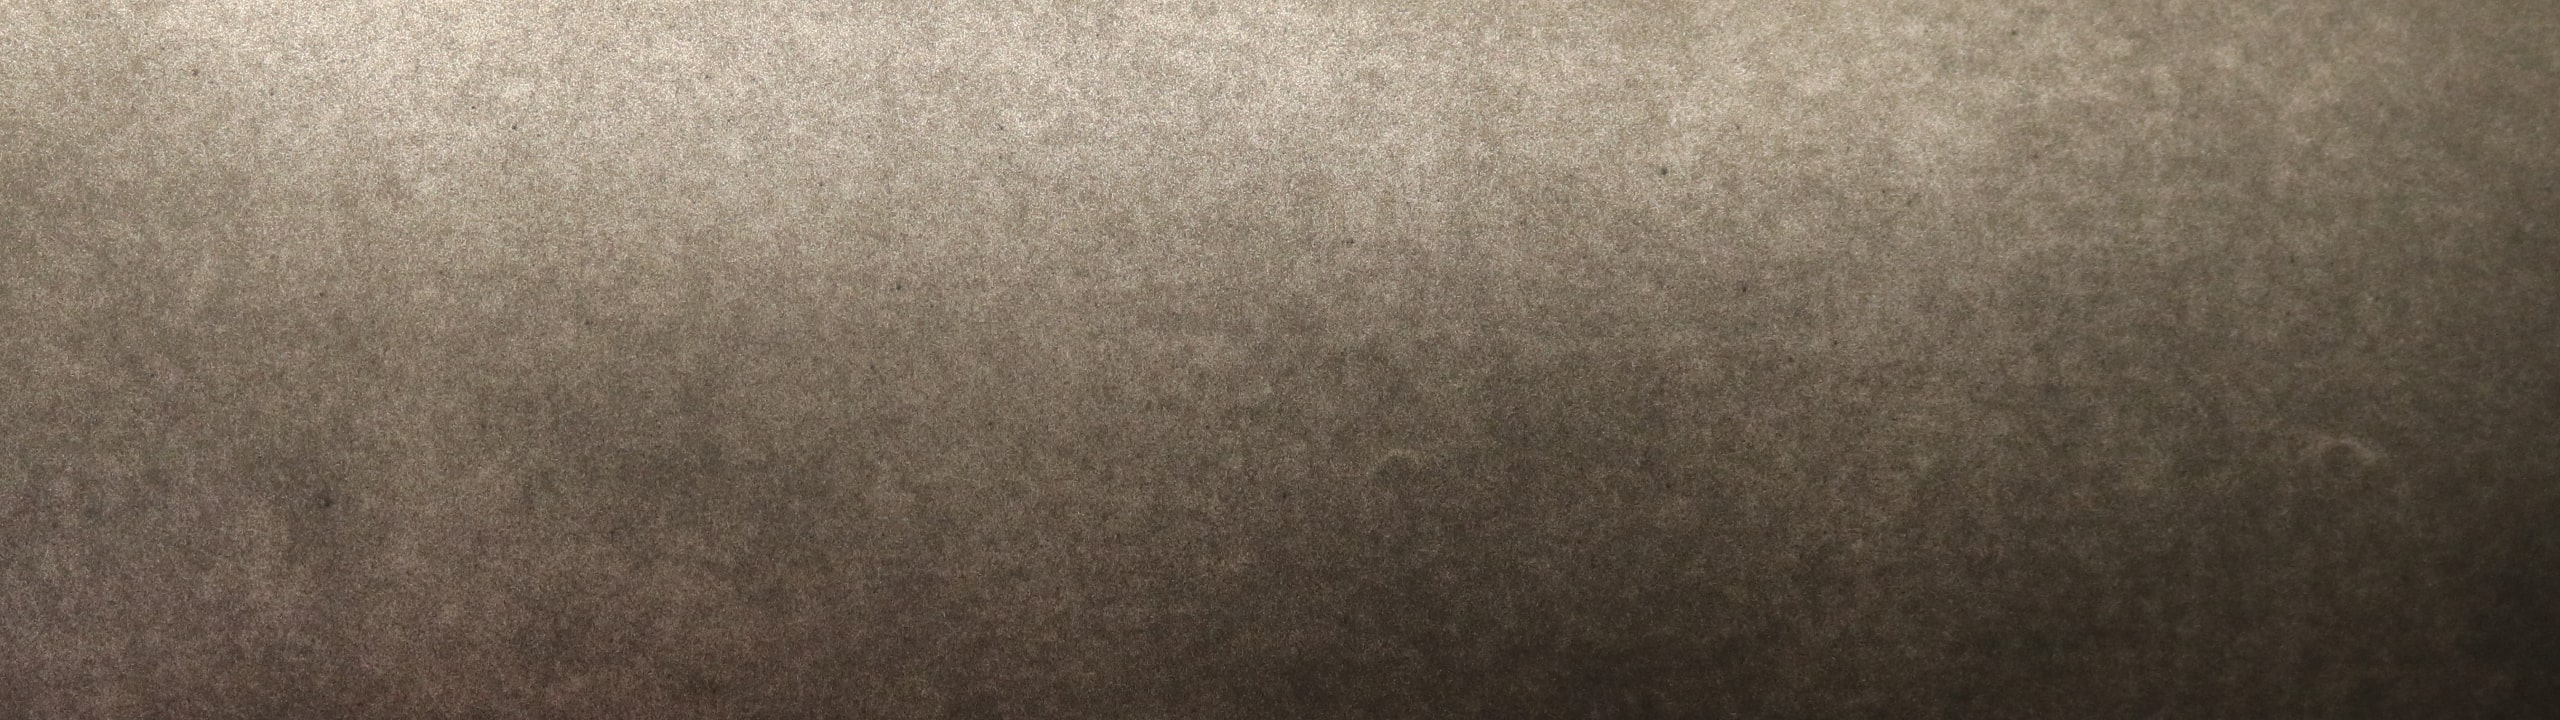 Vernice effetto metallo brunito